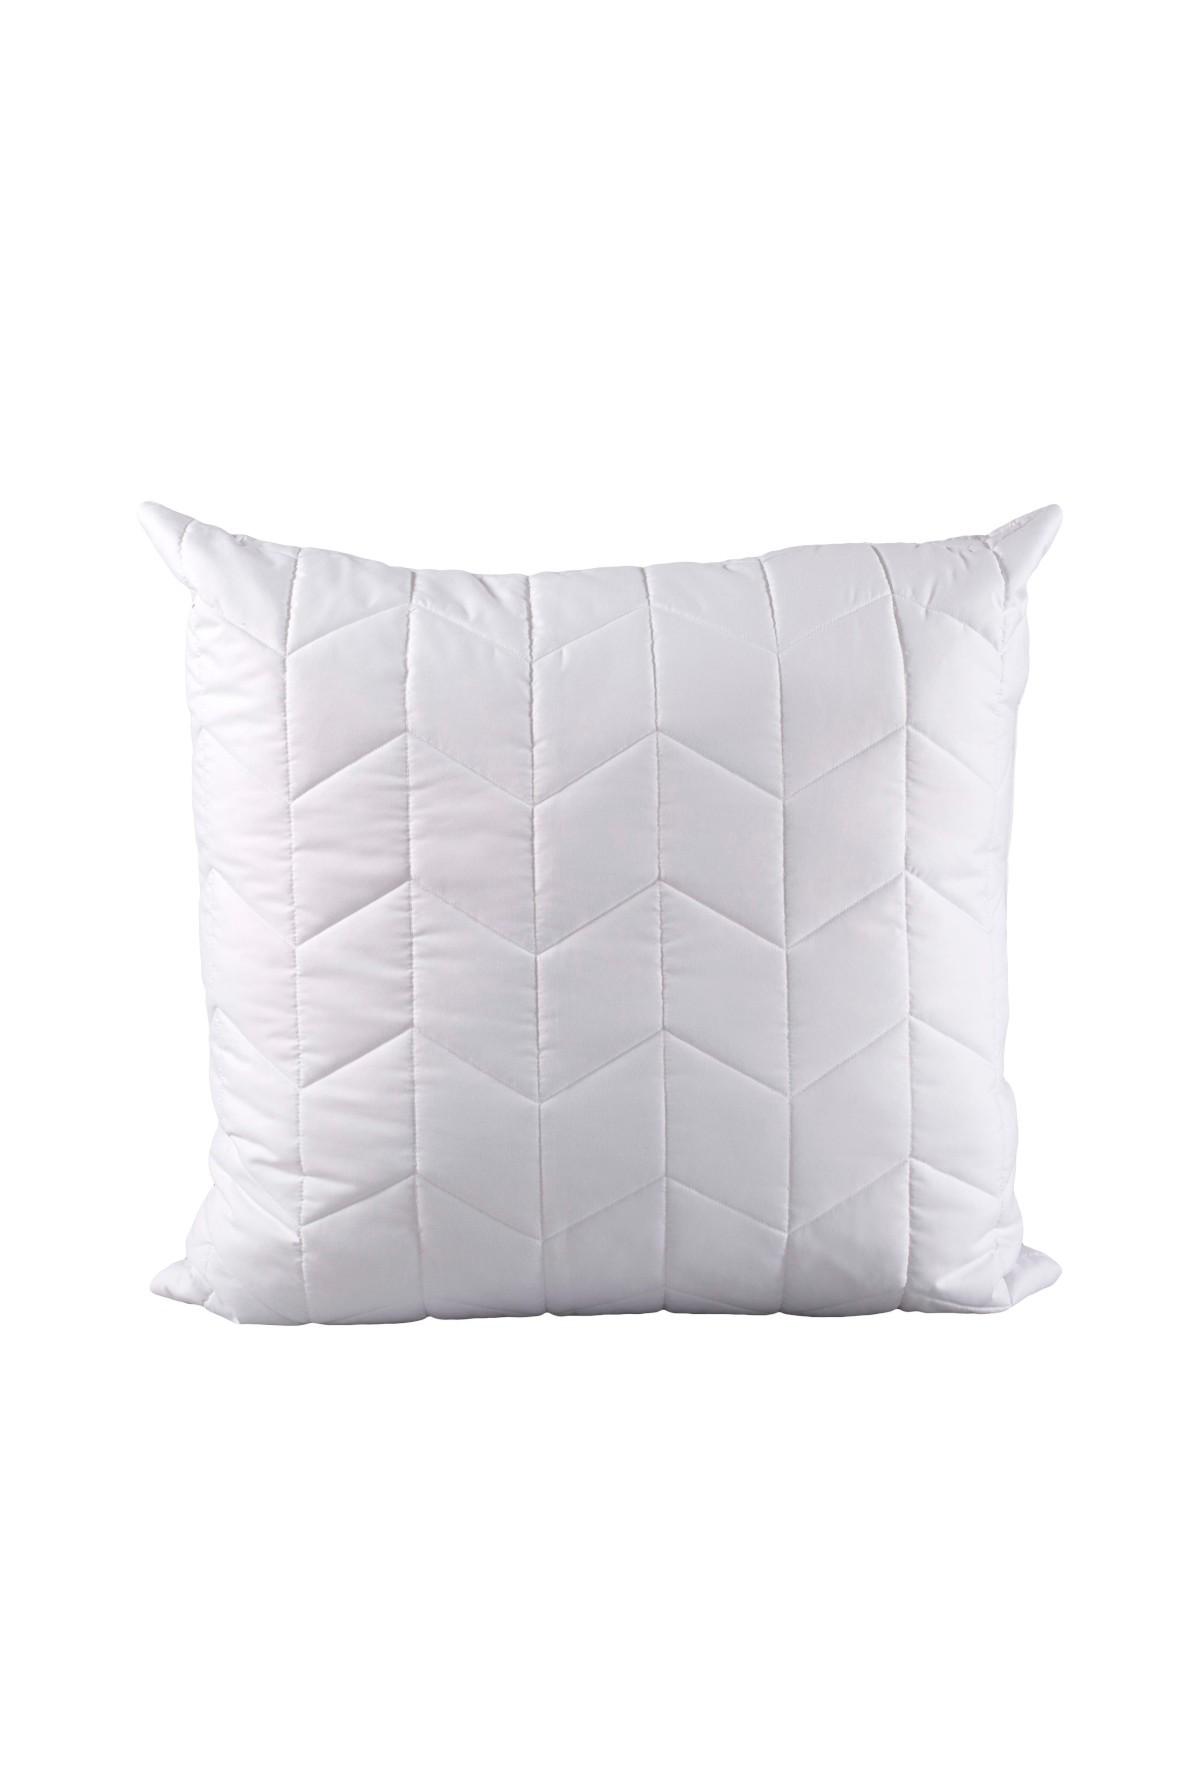 Poduszka SEVERA 70/80 cm  antybakteryjna w kolorze białym